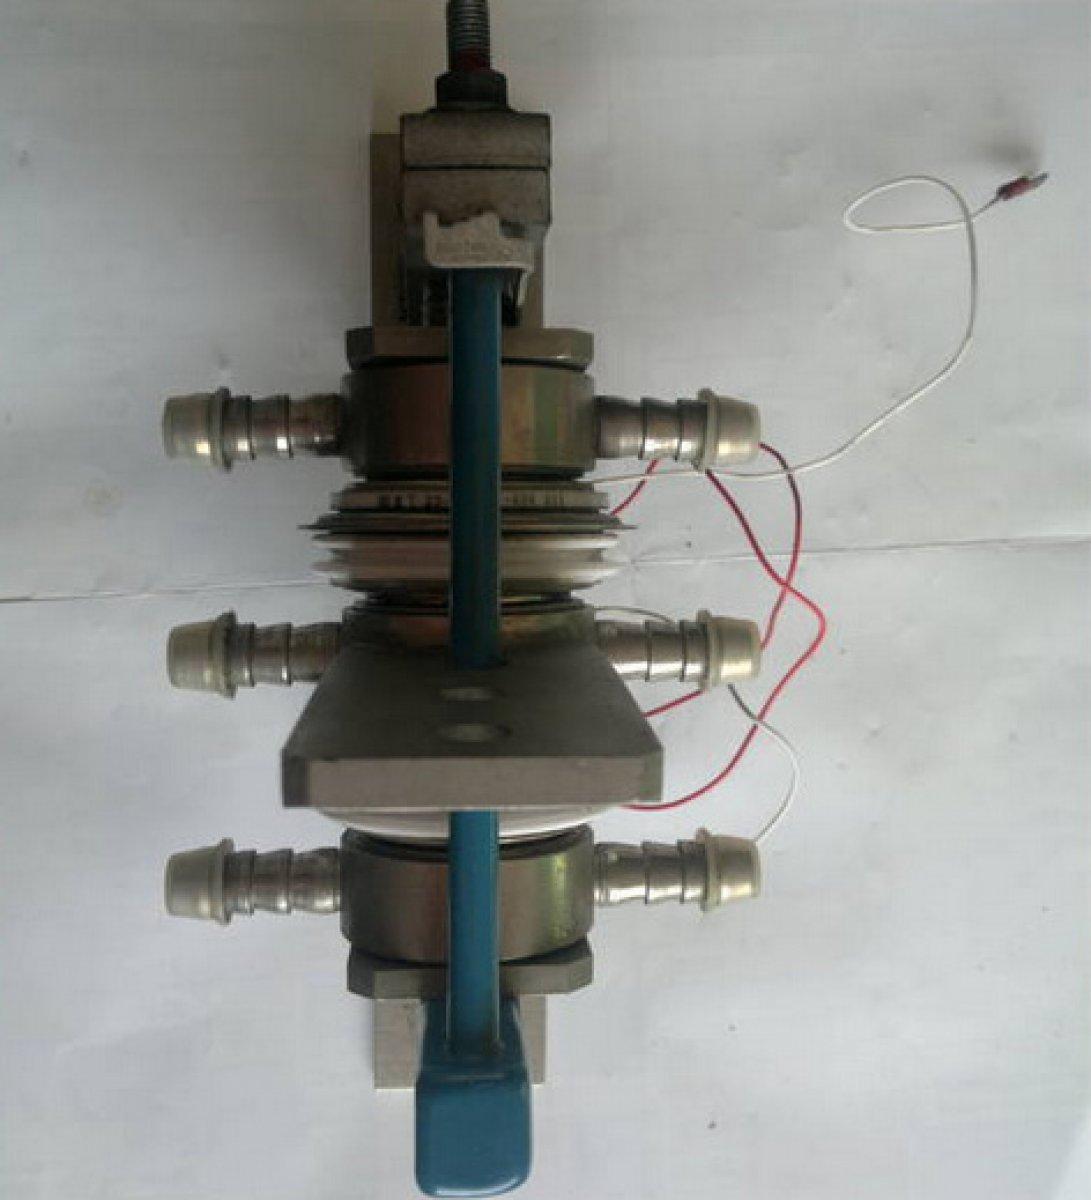 Blok modułowy tyrystorowy T 20-800 .- 17 -404 011